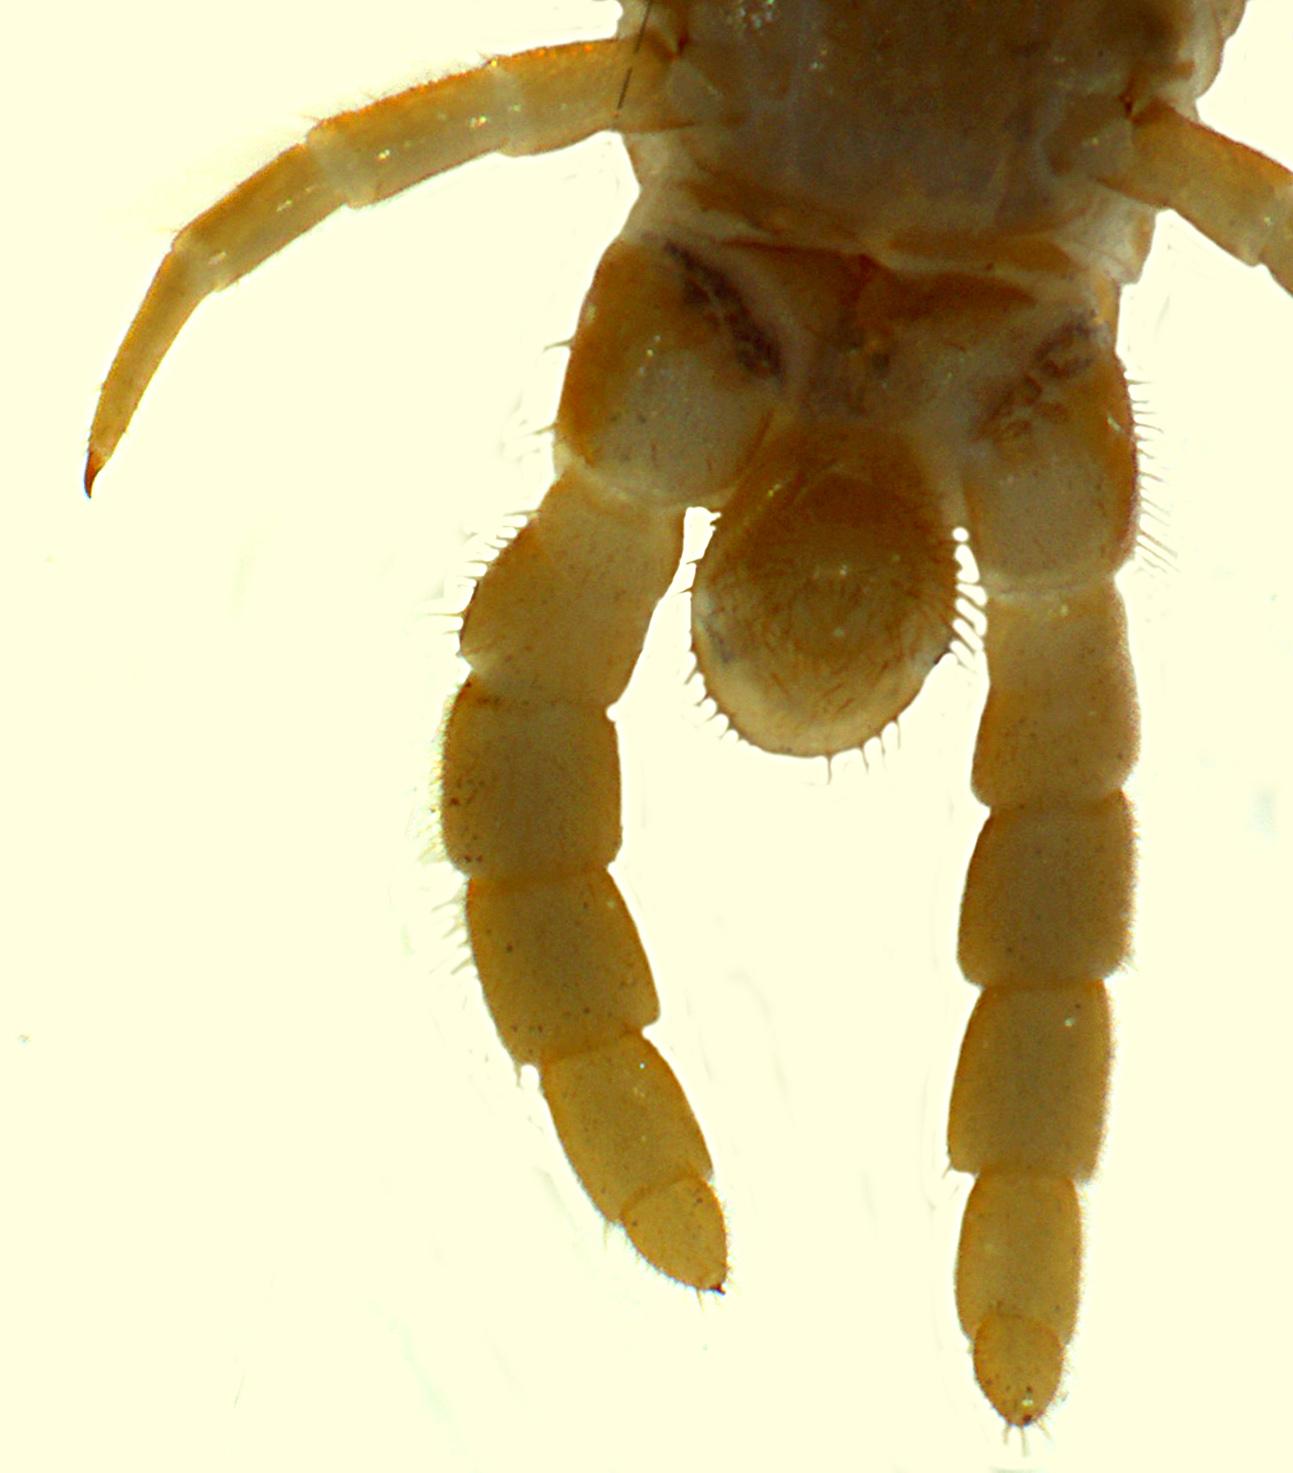 Verdickte Endbeine von einem Männchen von Geophilus carpophagus.